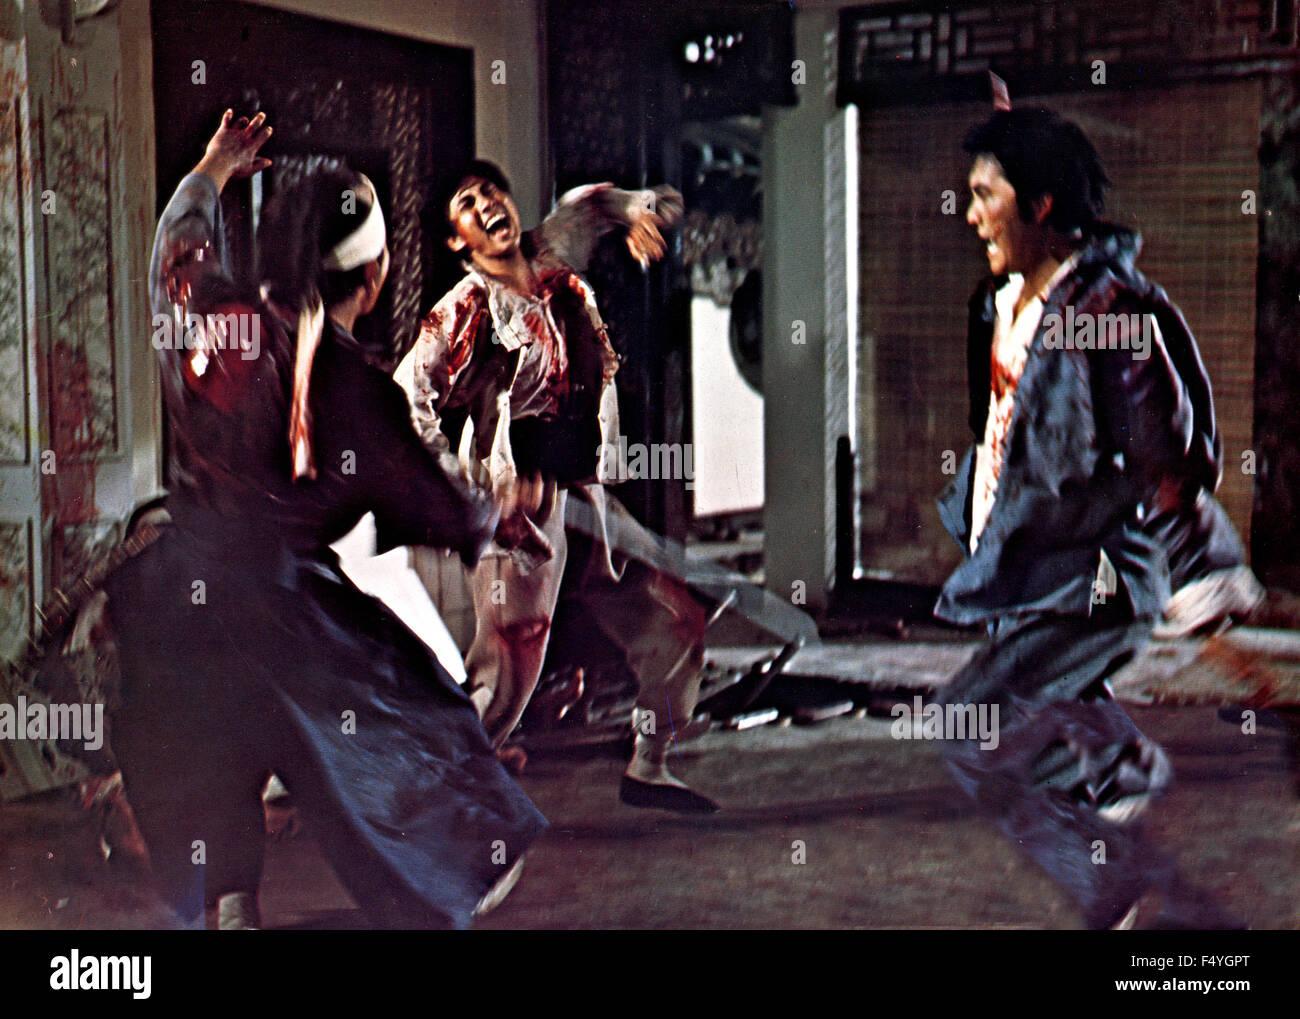 Una scena del film 'Killer' Immagini Stock